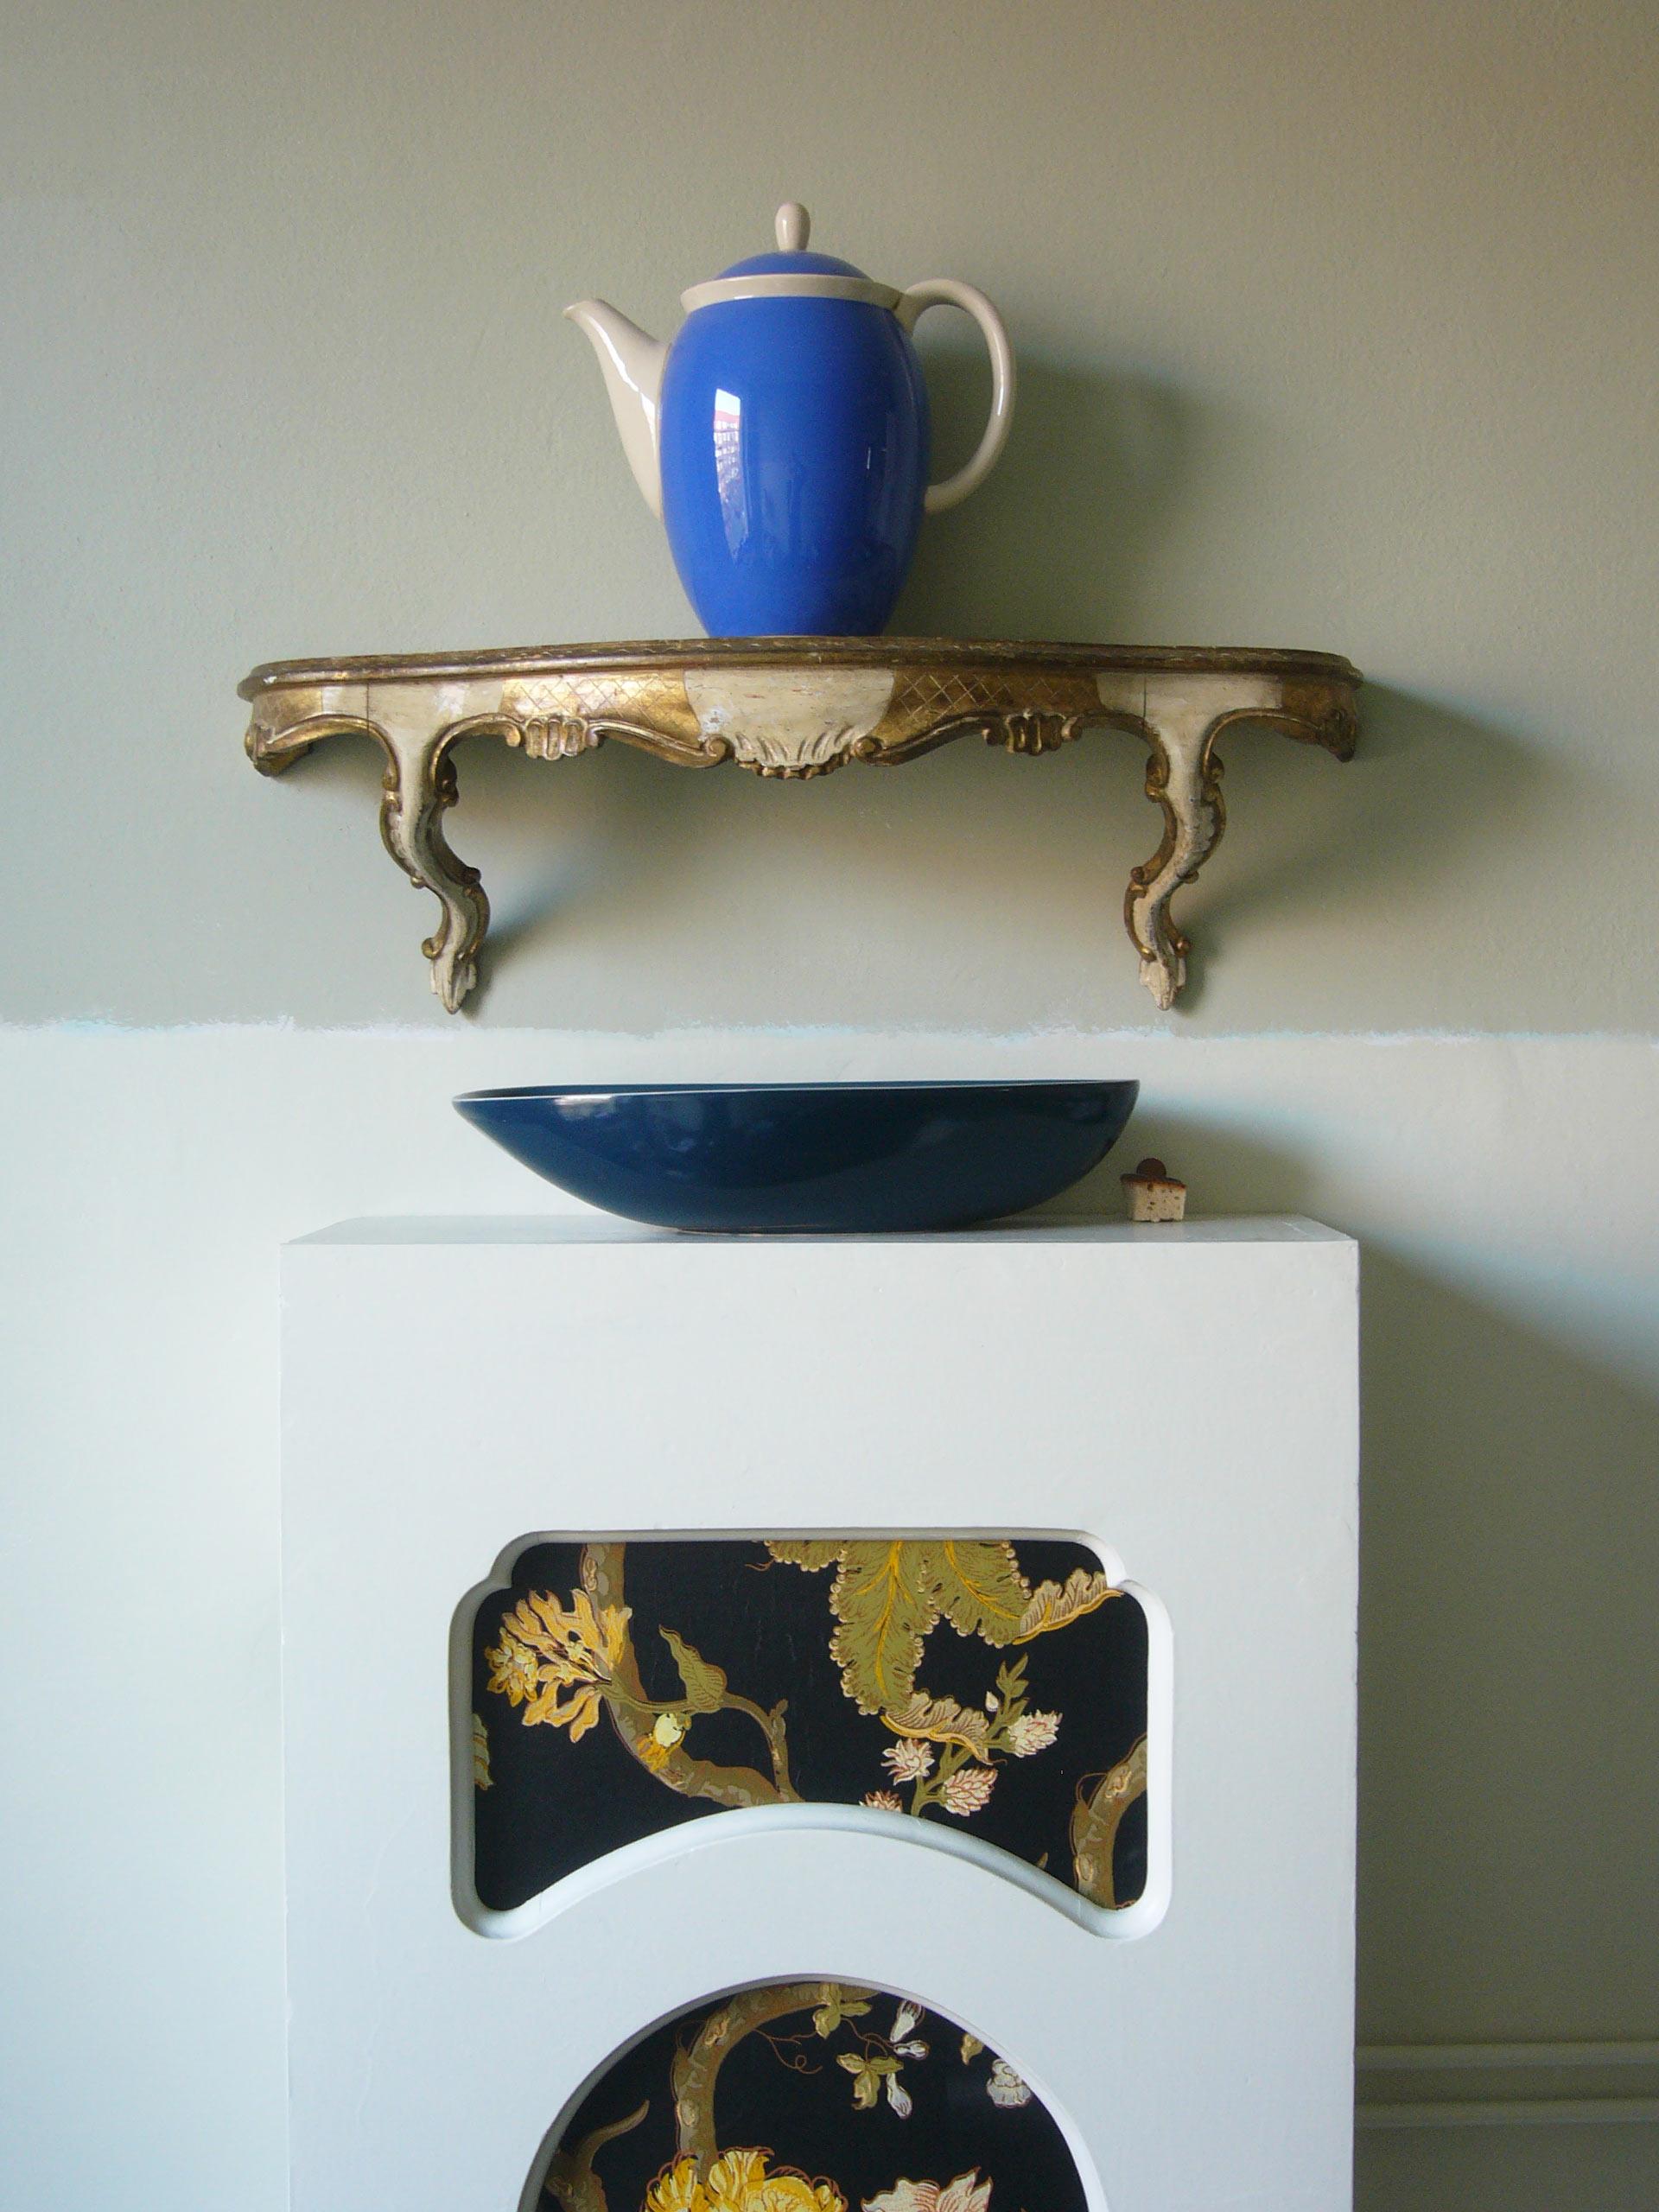 Rohrverkleidung als Schrank mit Kaffeekanne und barockem WandregalKüchenphilosophie